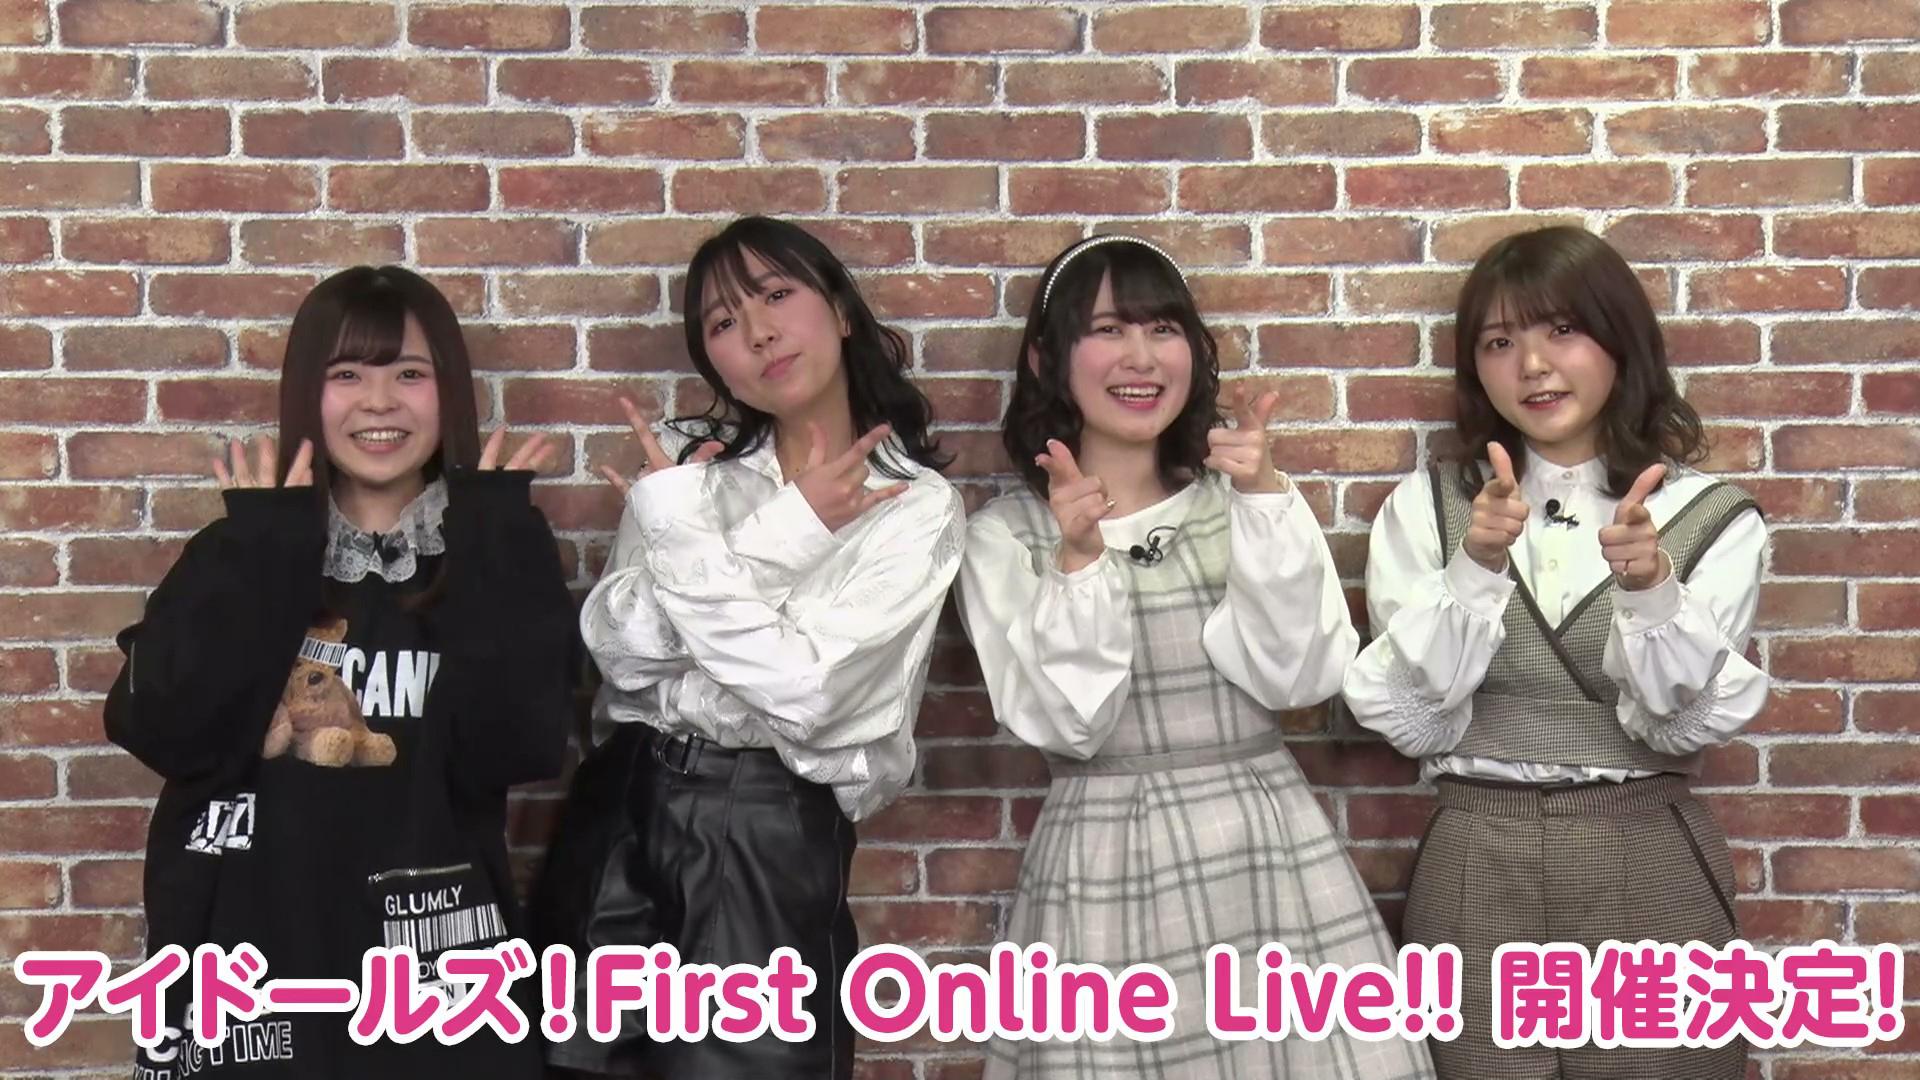 「アイドールズ! First Online Live!!」開催決定!